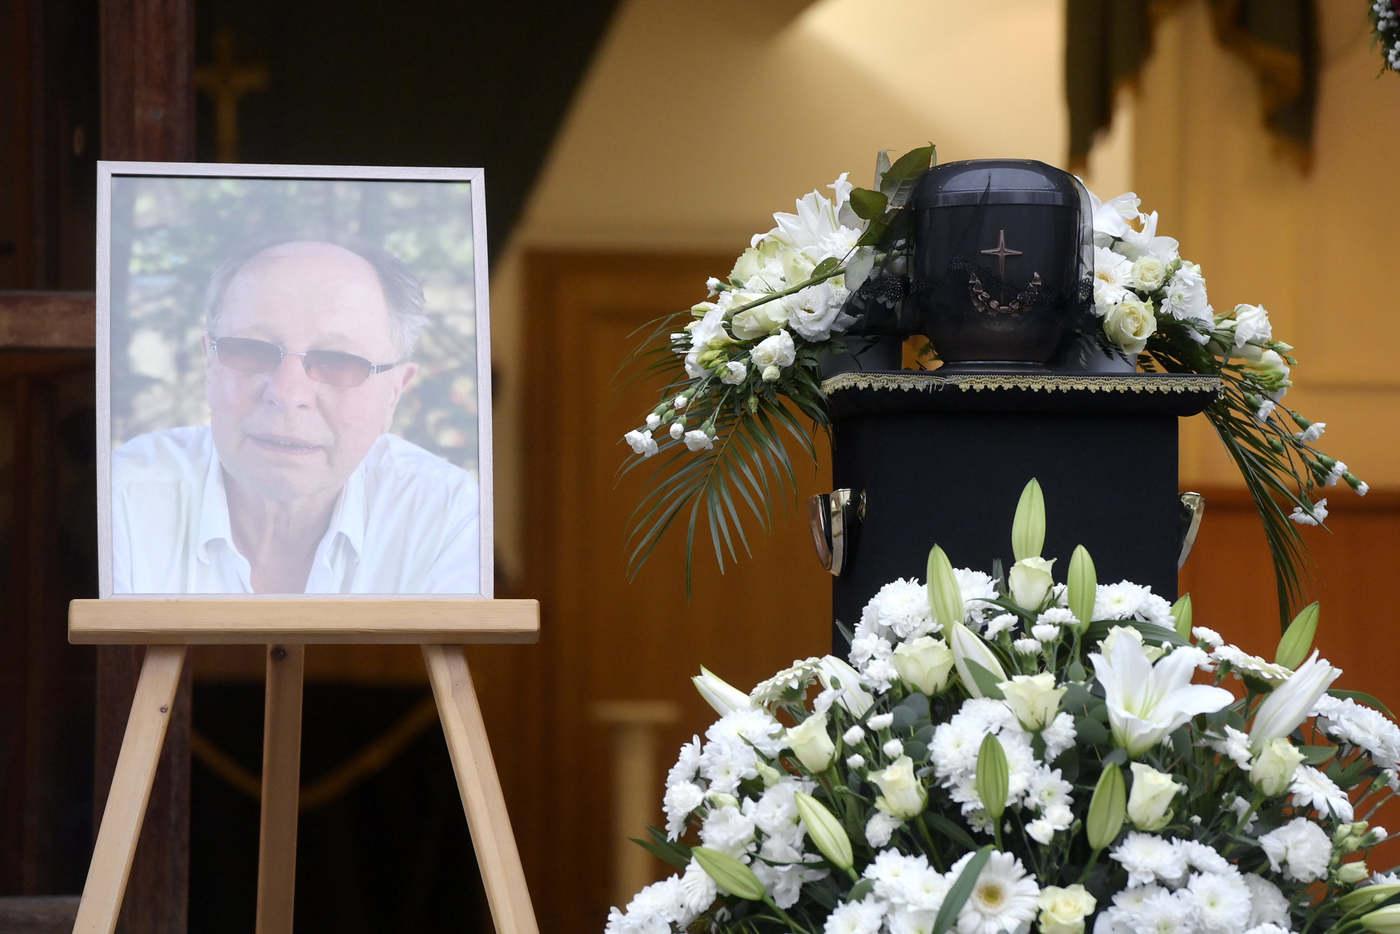 Az életének 70. évében elhunyt Balázs Fecó ravatala az Óbudai temetőben (Fotó: MTI / Koszticsák Szilárd)